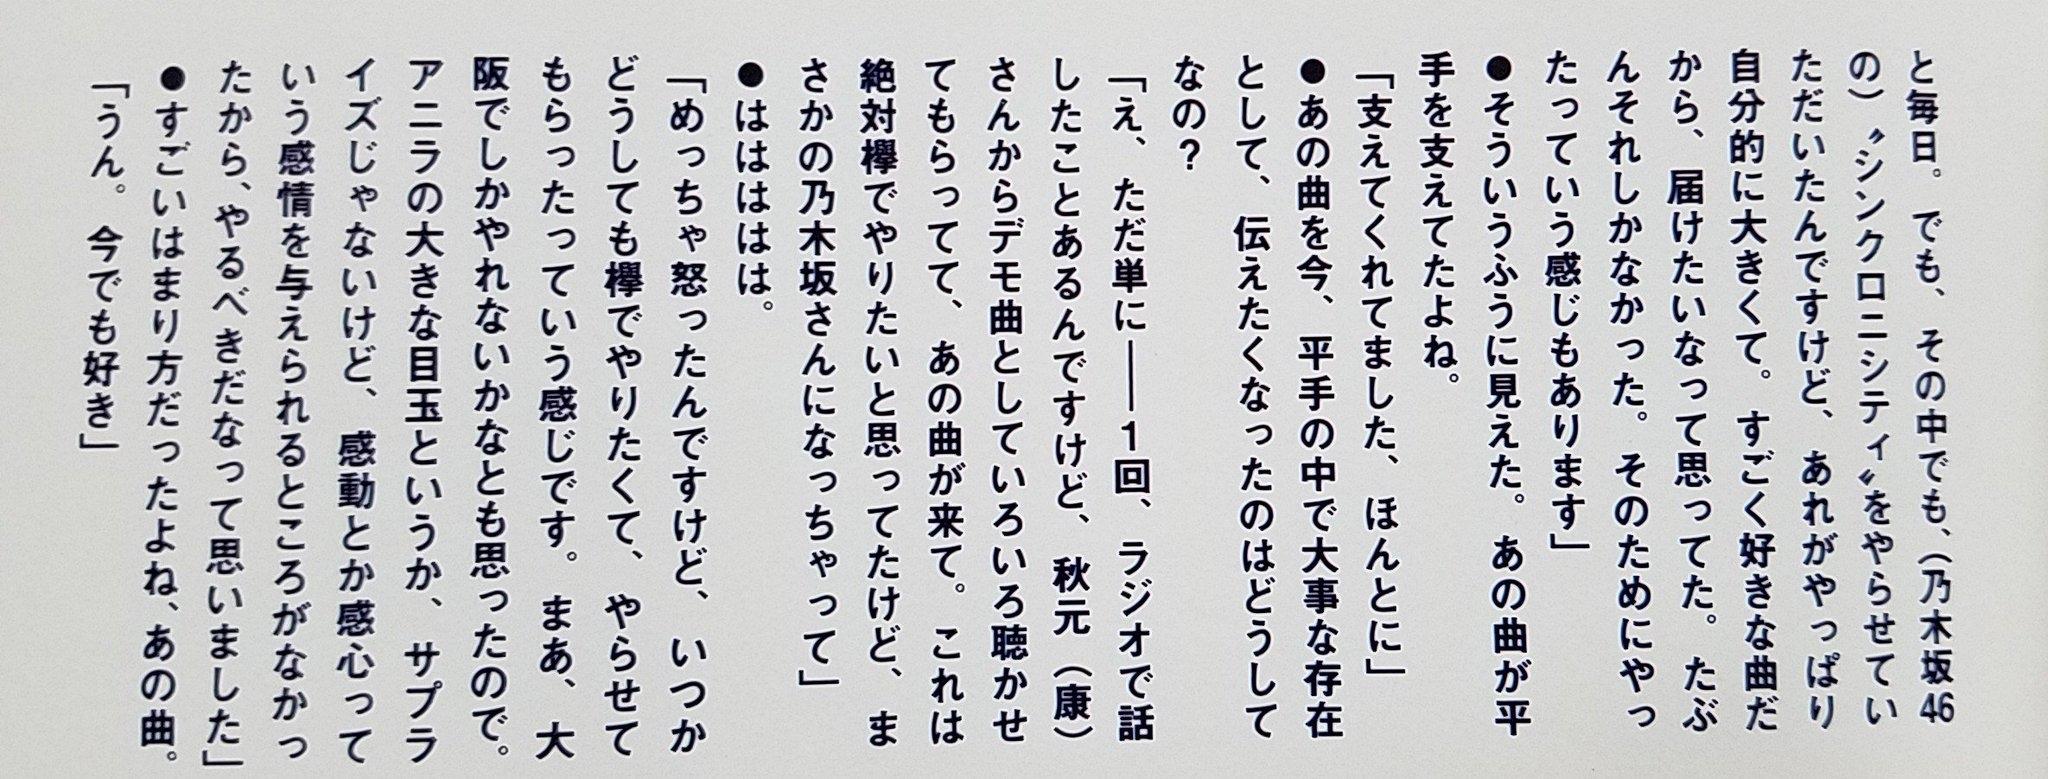 シンクロニシティ 平手友梨奈